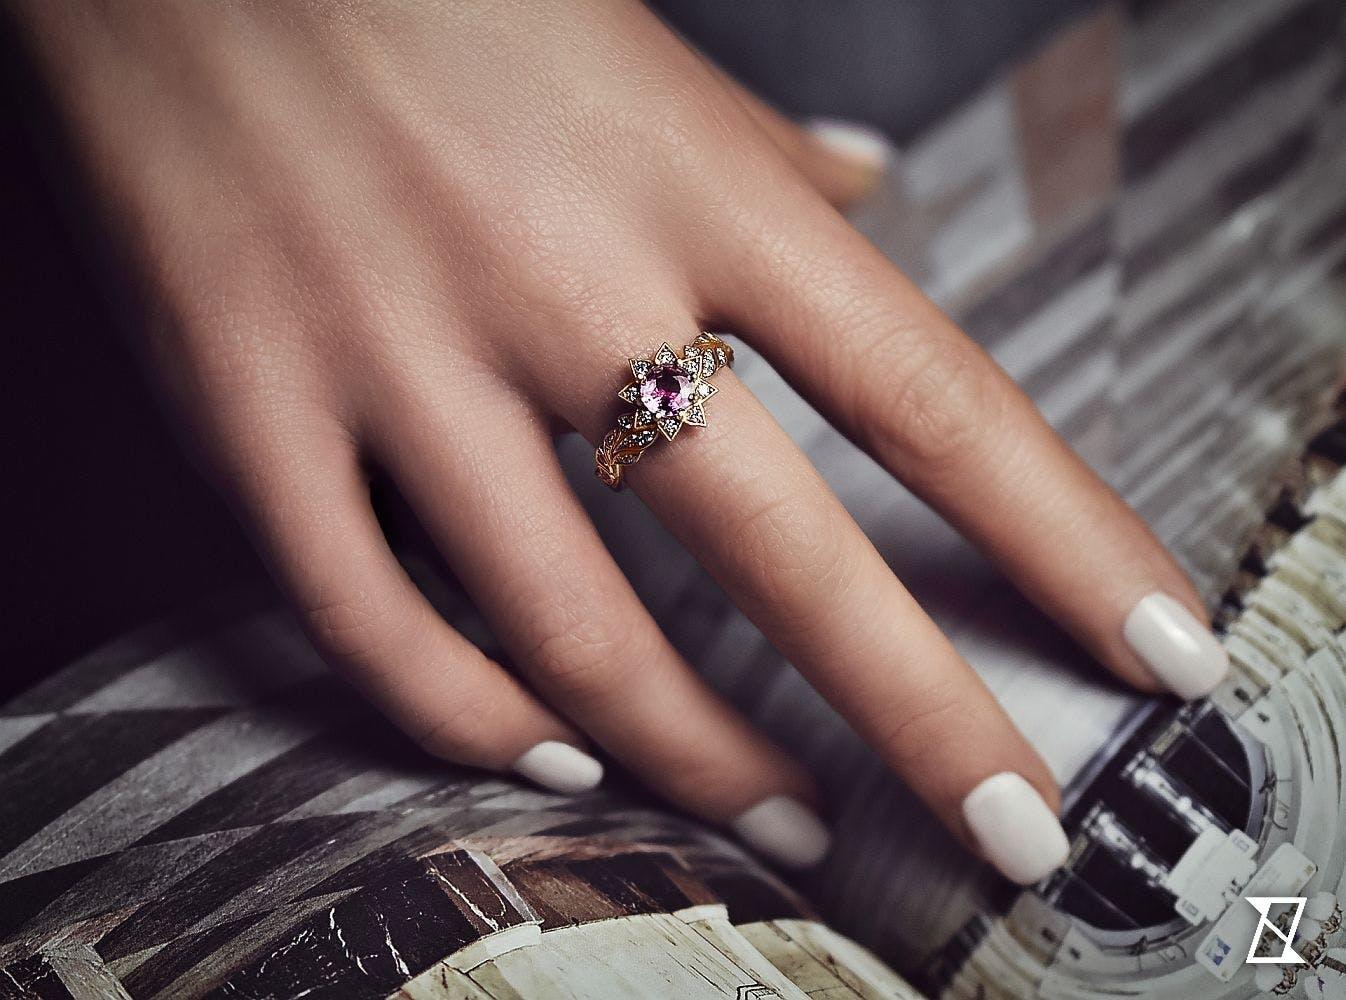 Pierścionek w kształcie kwiatu na dłoni.